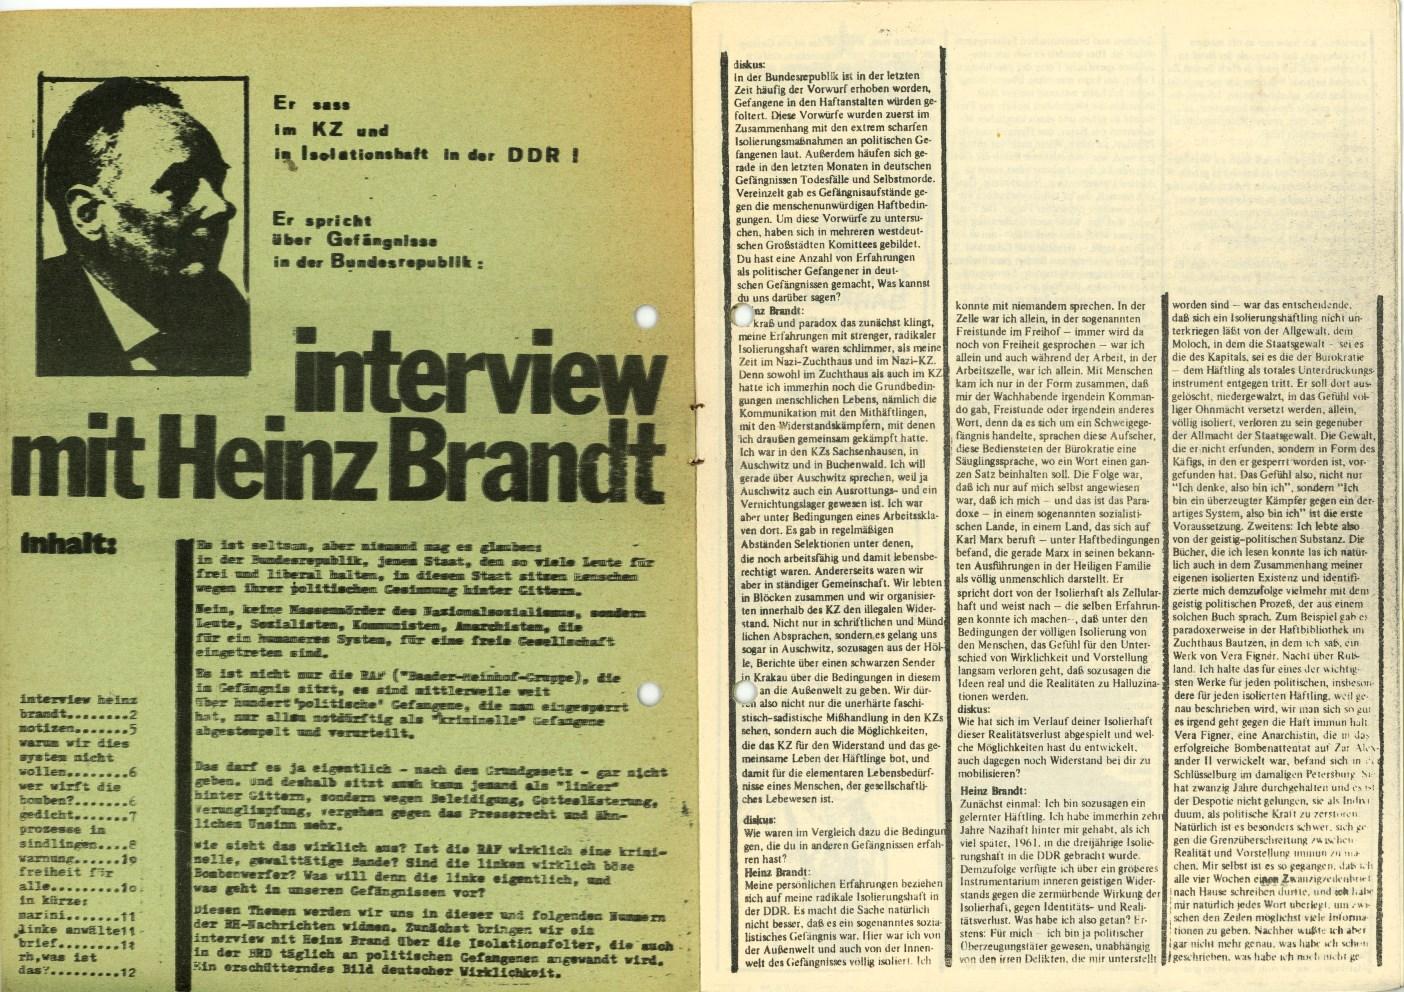 Wetzlar_RH_SK_Nachrichten_1973_03_02